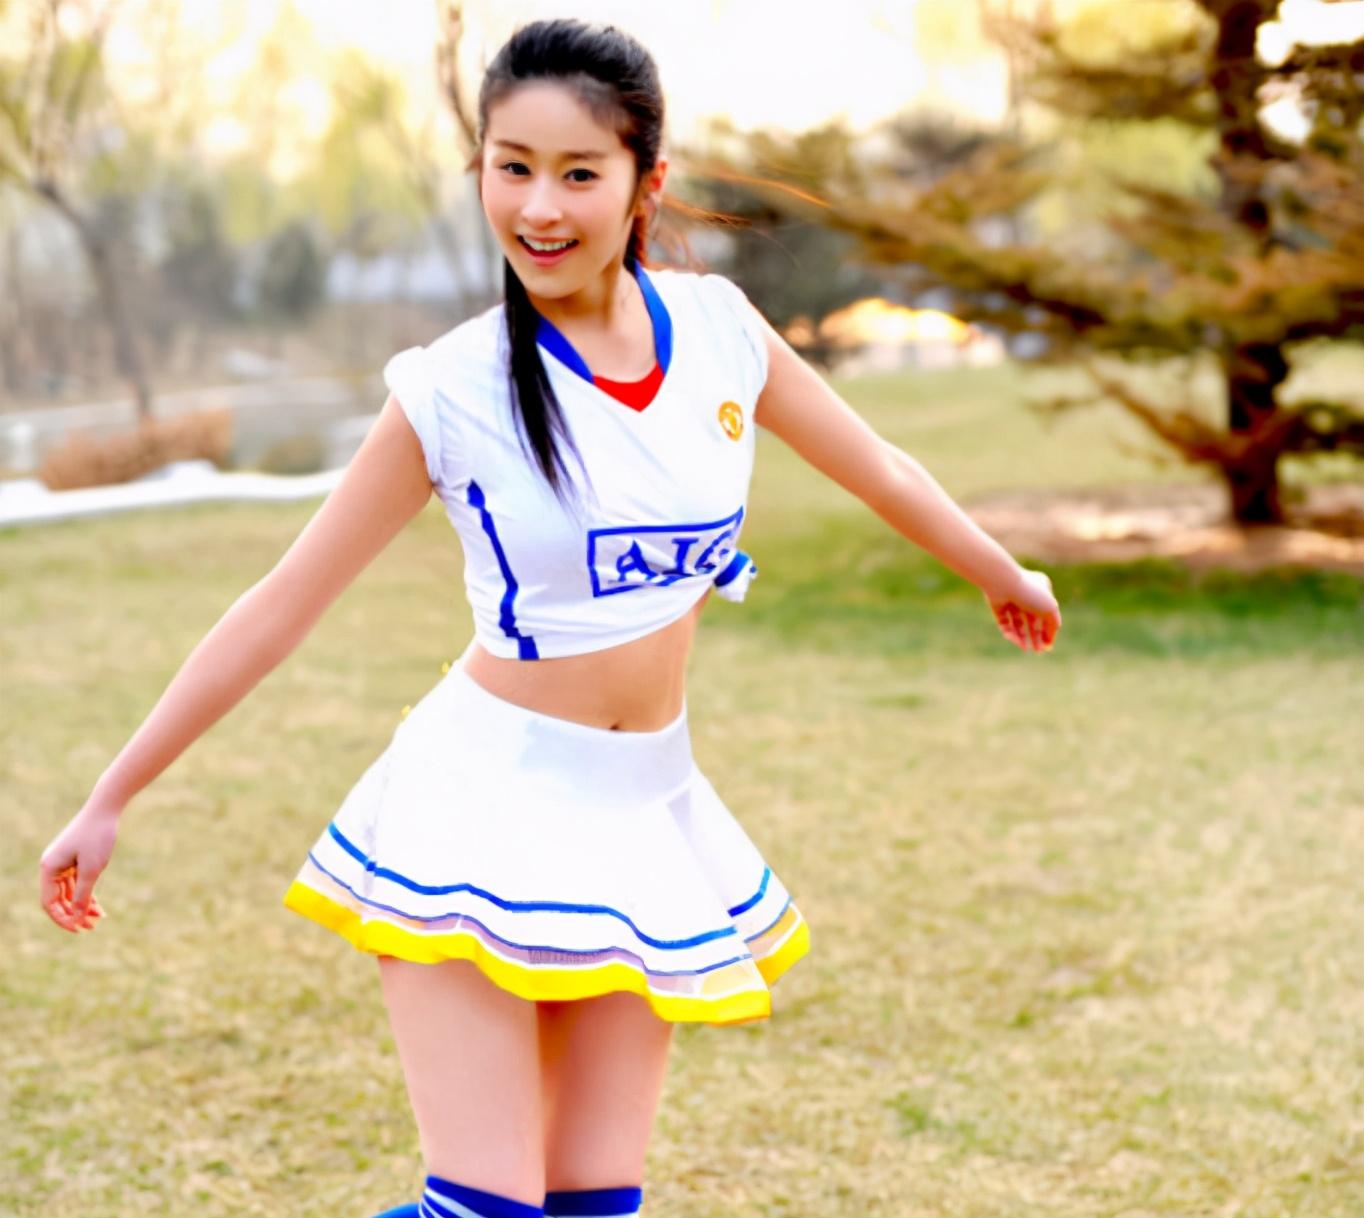 陈晓颖儿恋爱剧将袭,年轻人与富婆的剧情有趣,就是剧名有点乡土